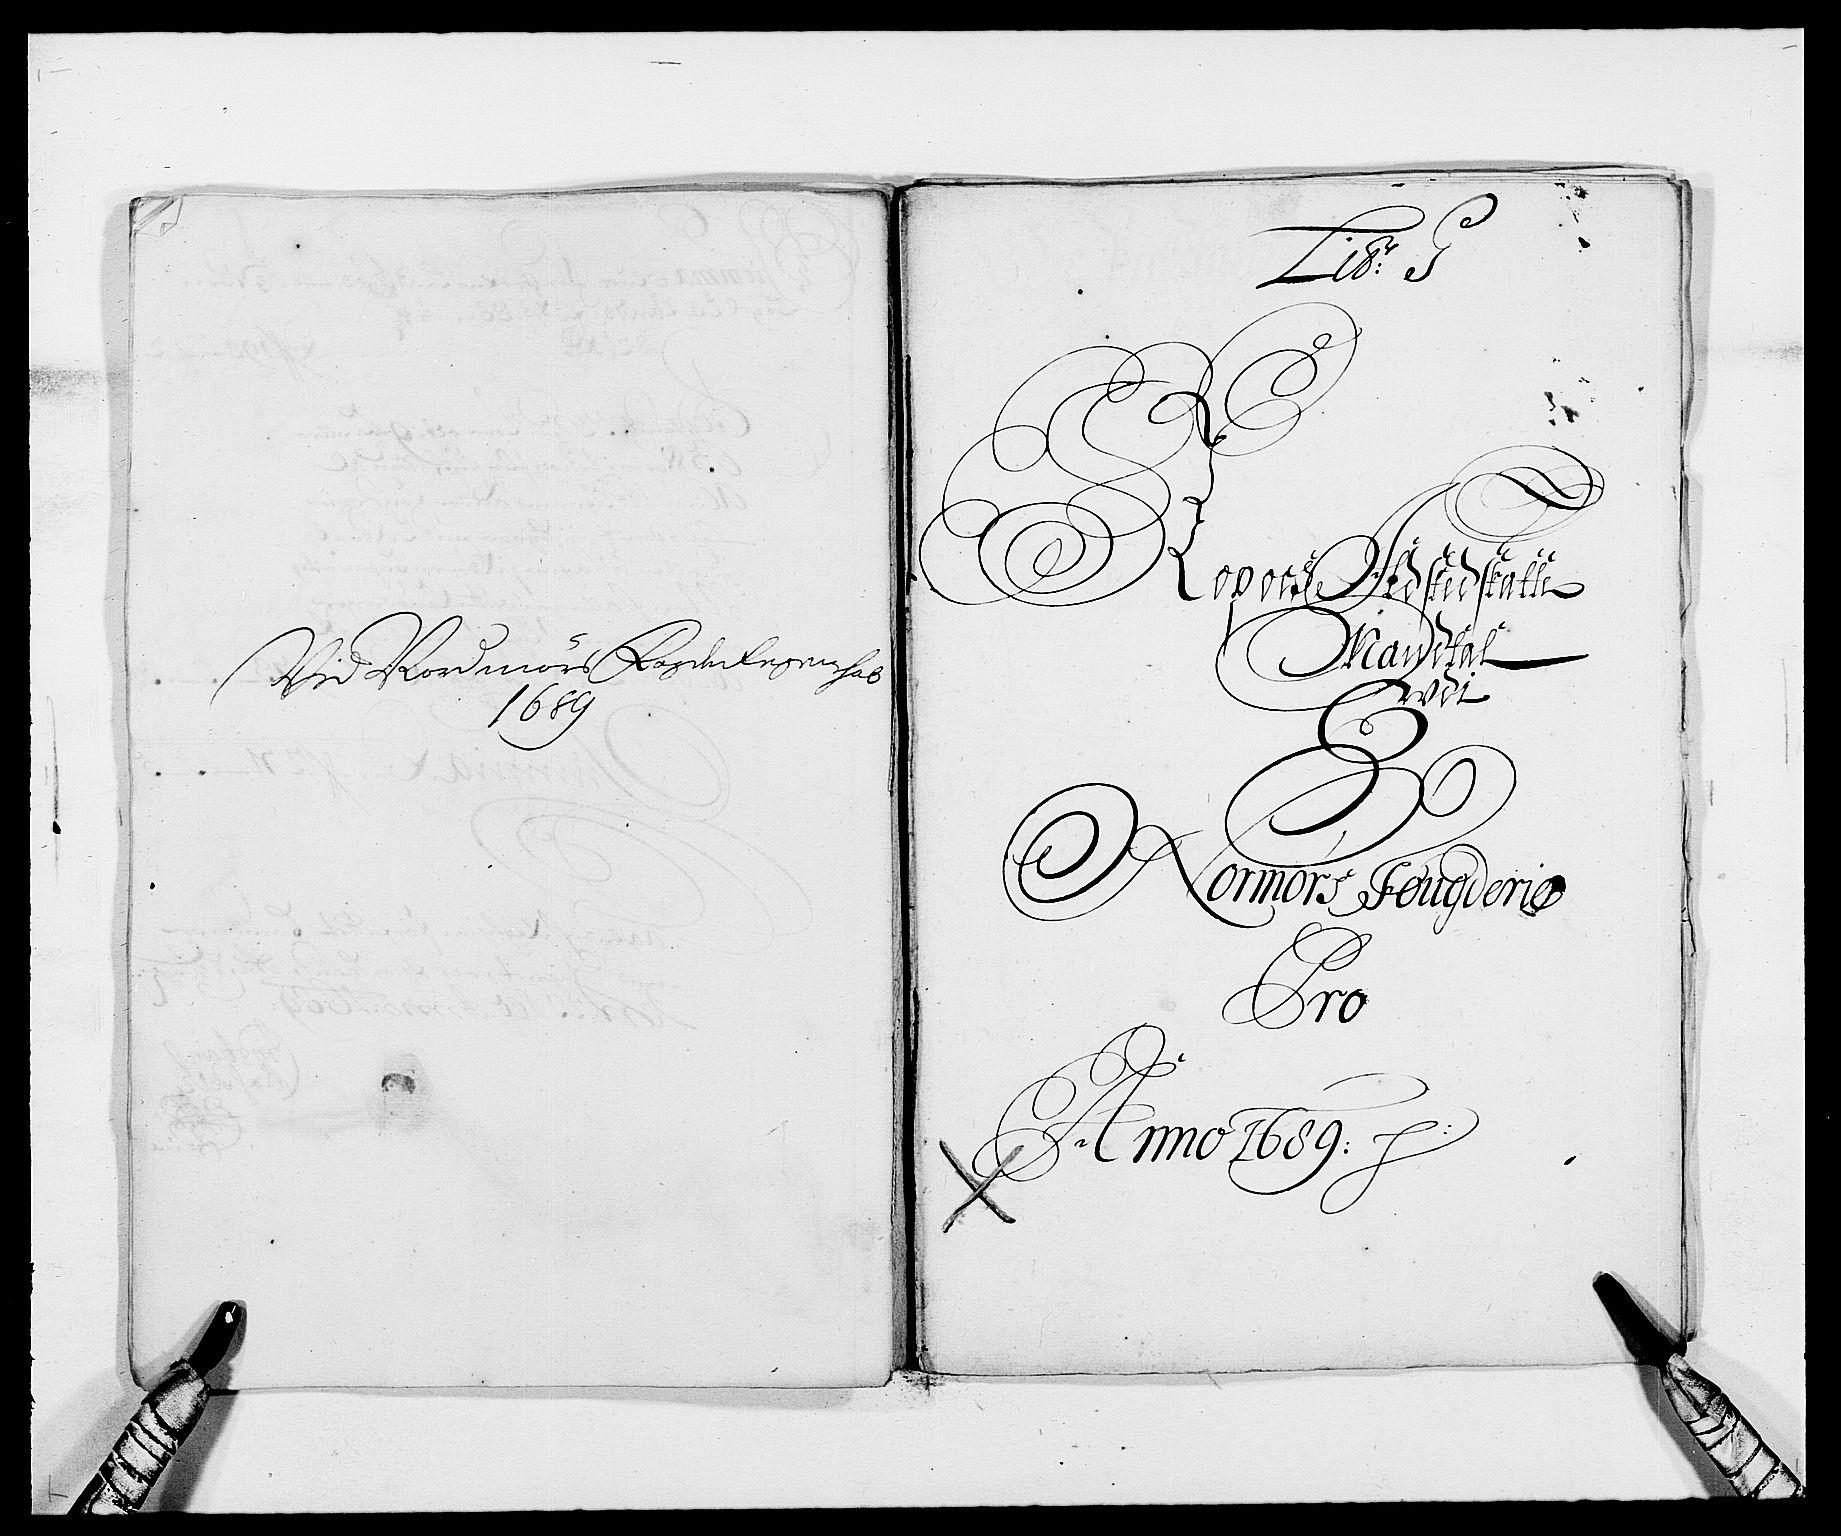 RA, Rentekammeret inntil 1814, Reviderte regnskaper, Fogderegnskap, R56/L3733: Fogderegnskap Nordmøre, 1687-1689, s. 418